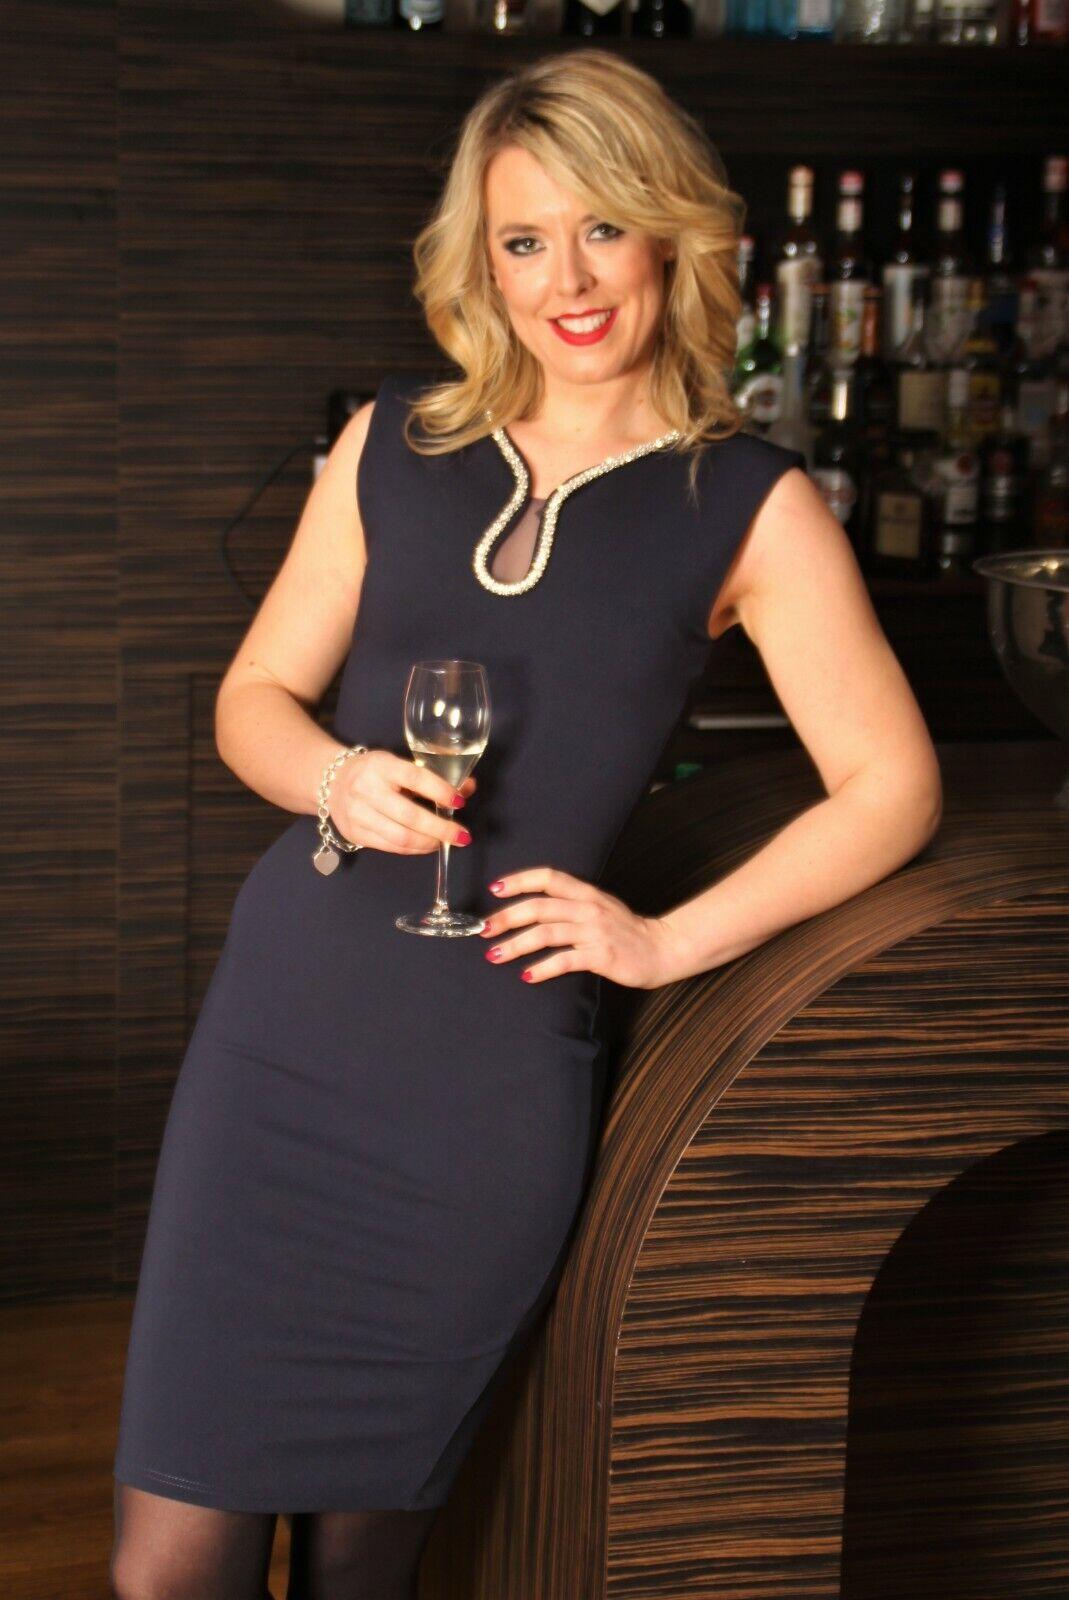 Kleid - Etuikleid als elelgantes Partykleid mit glitzer Schmucksteinen für Damen